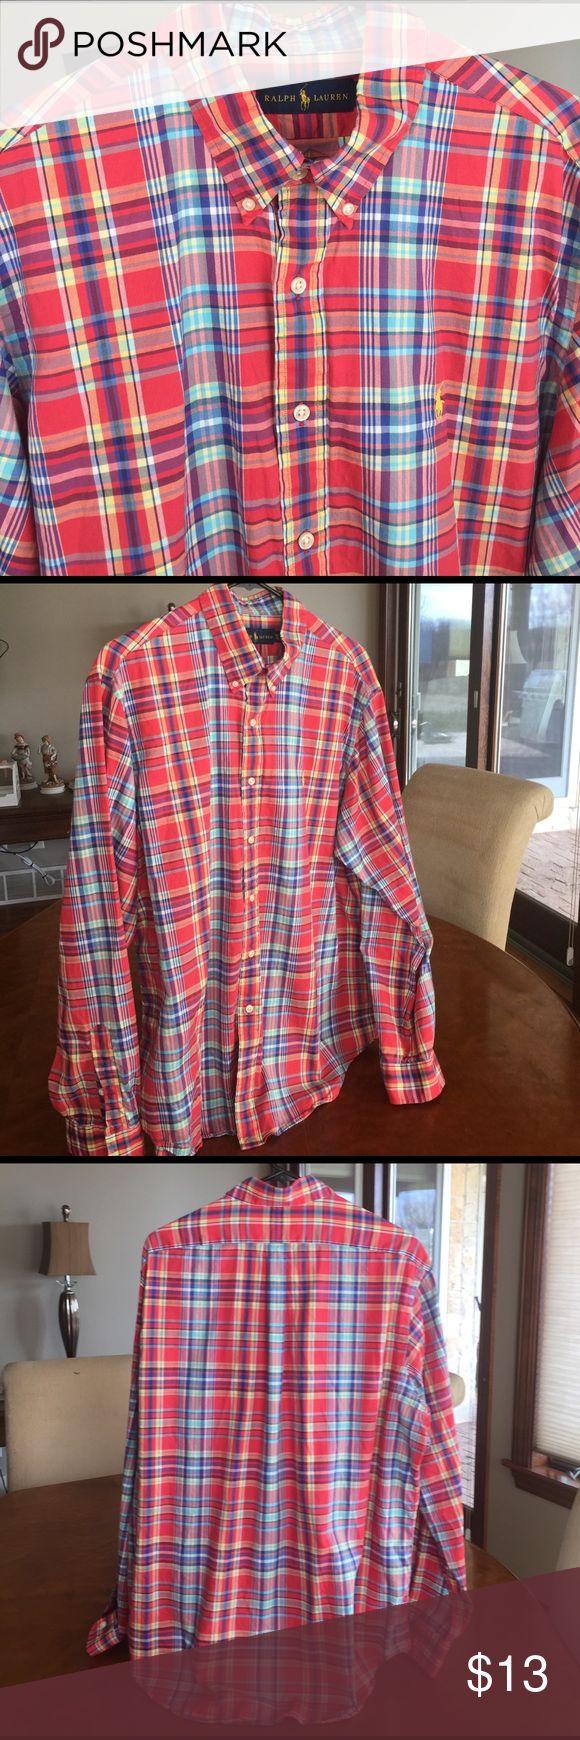 Mens Shirt Ralph Lauren Button Up Size XL Mens Ralph Lauren Shirt Button Up Size XL. Like new condition. Polo by Ralph Lauren Shirts